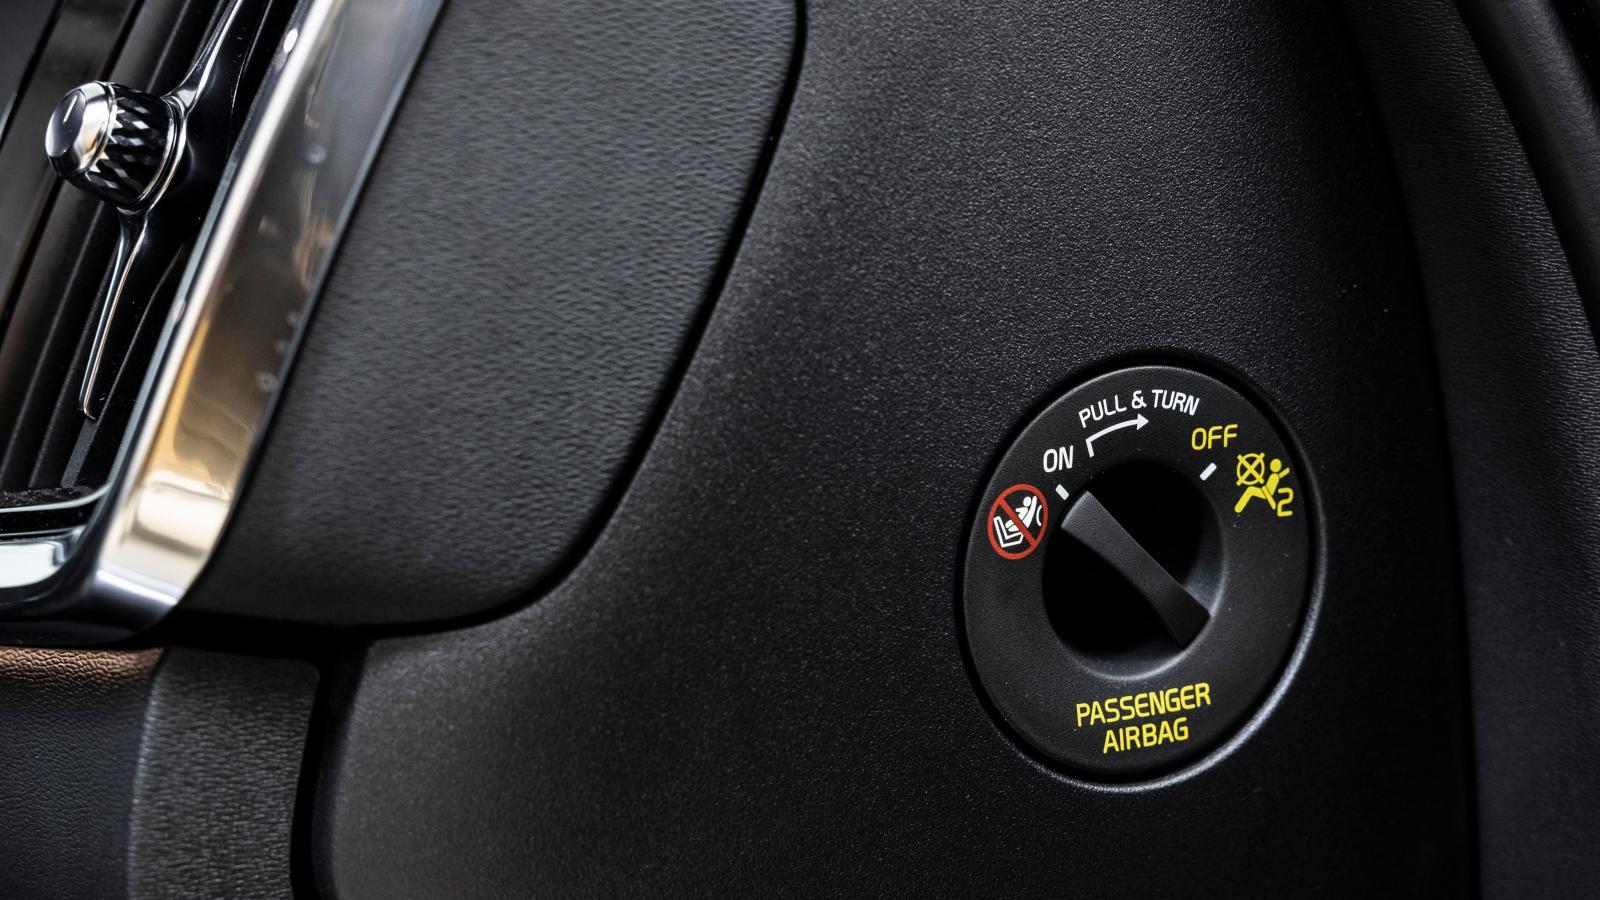 Ett vred för avstängning av passagerarkrockkudden finns i Volvo.